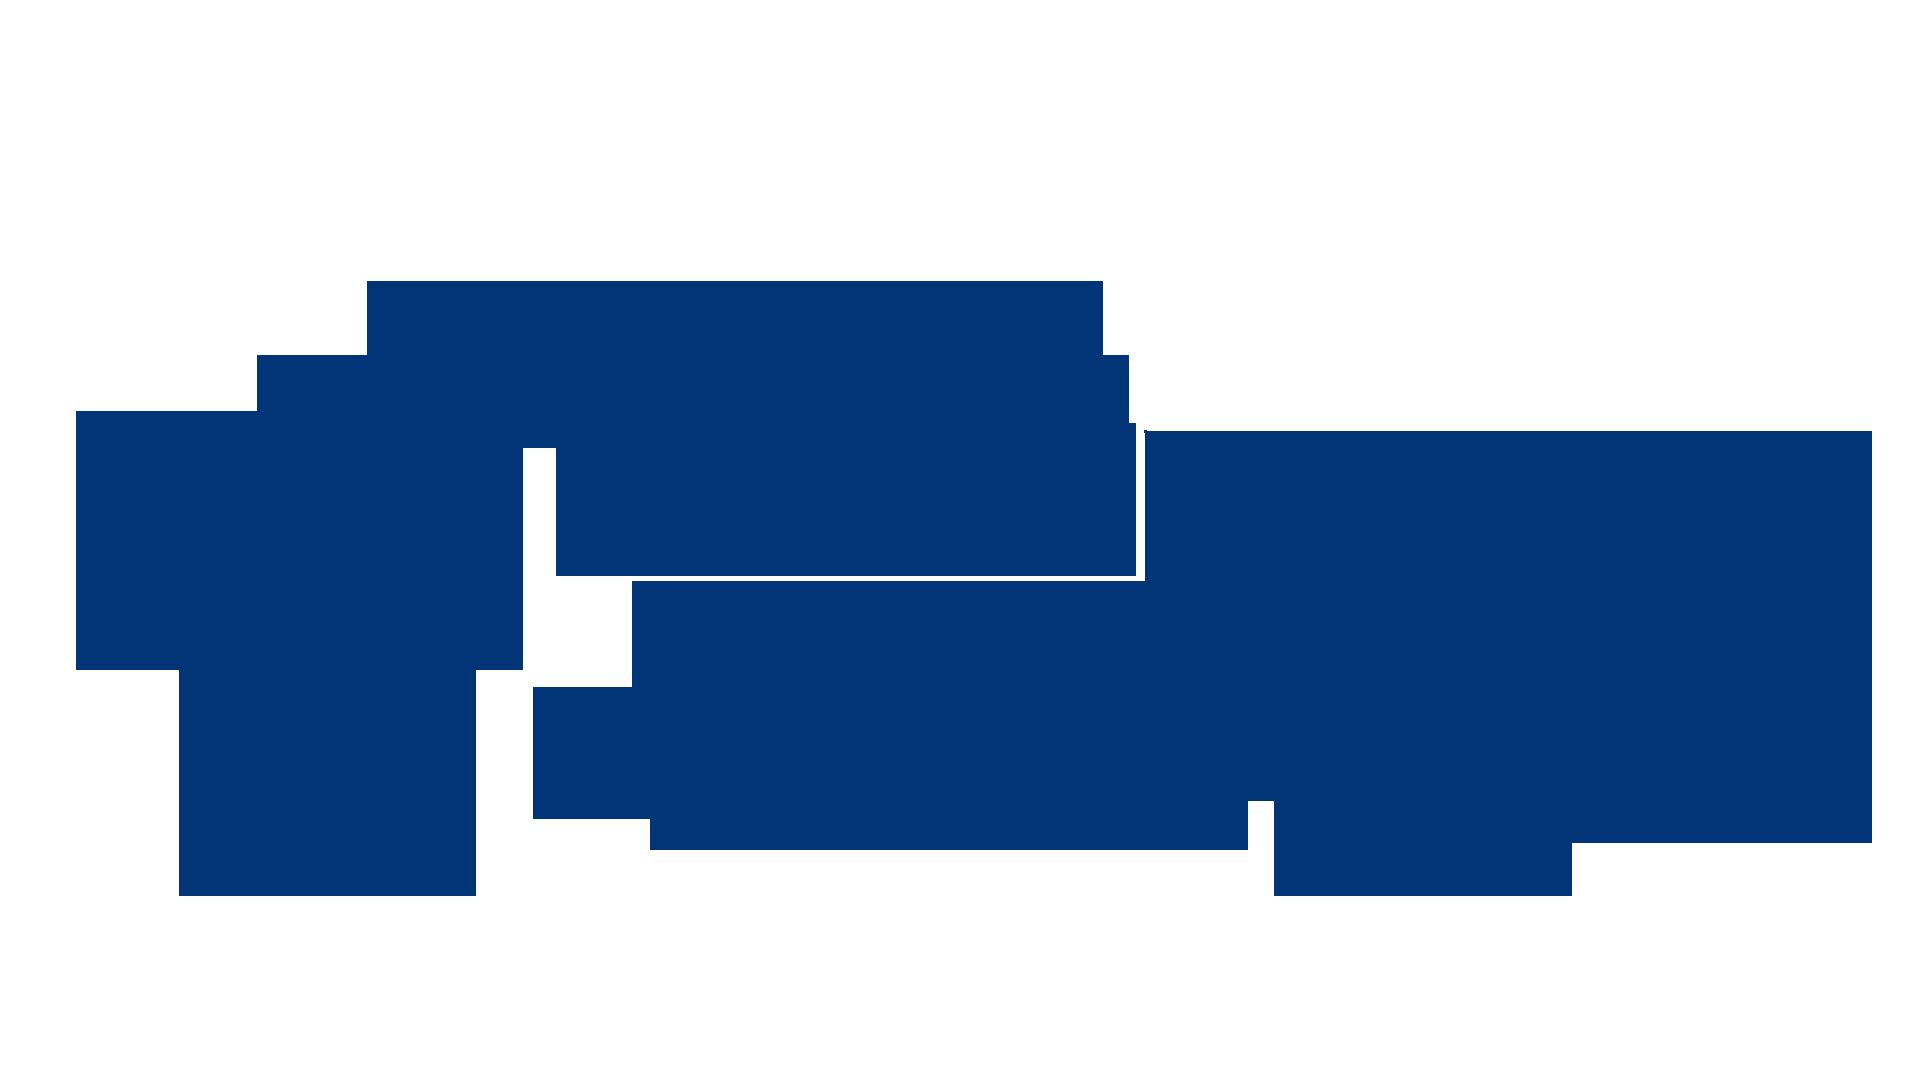 惠州市小车生活汽车贸易有限公司